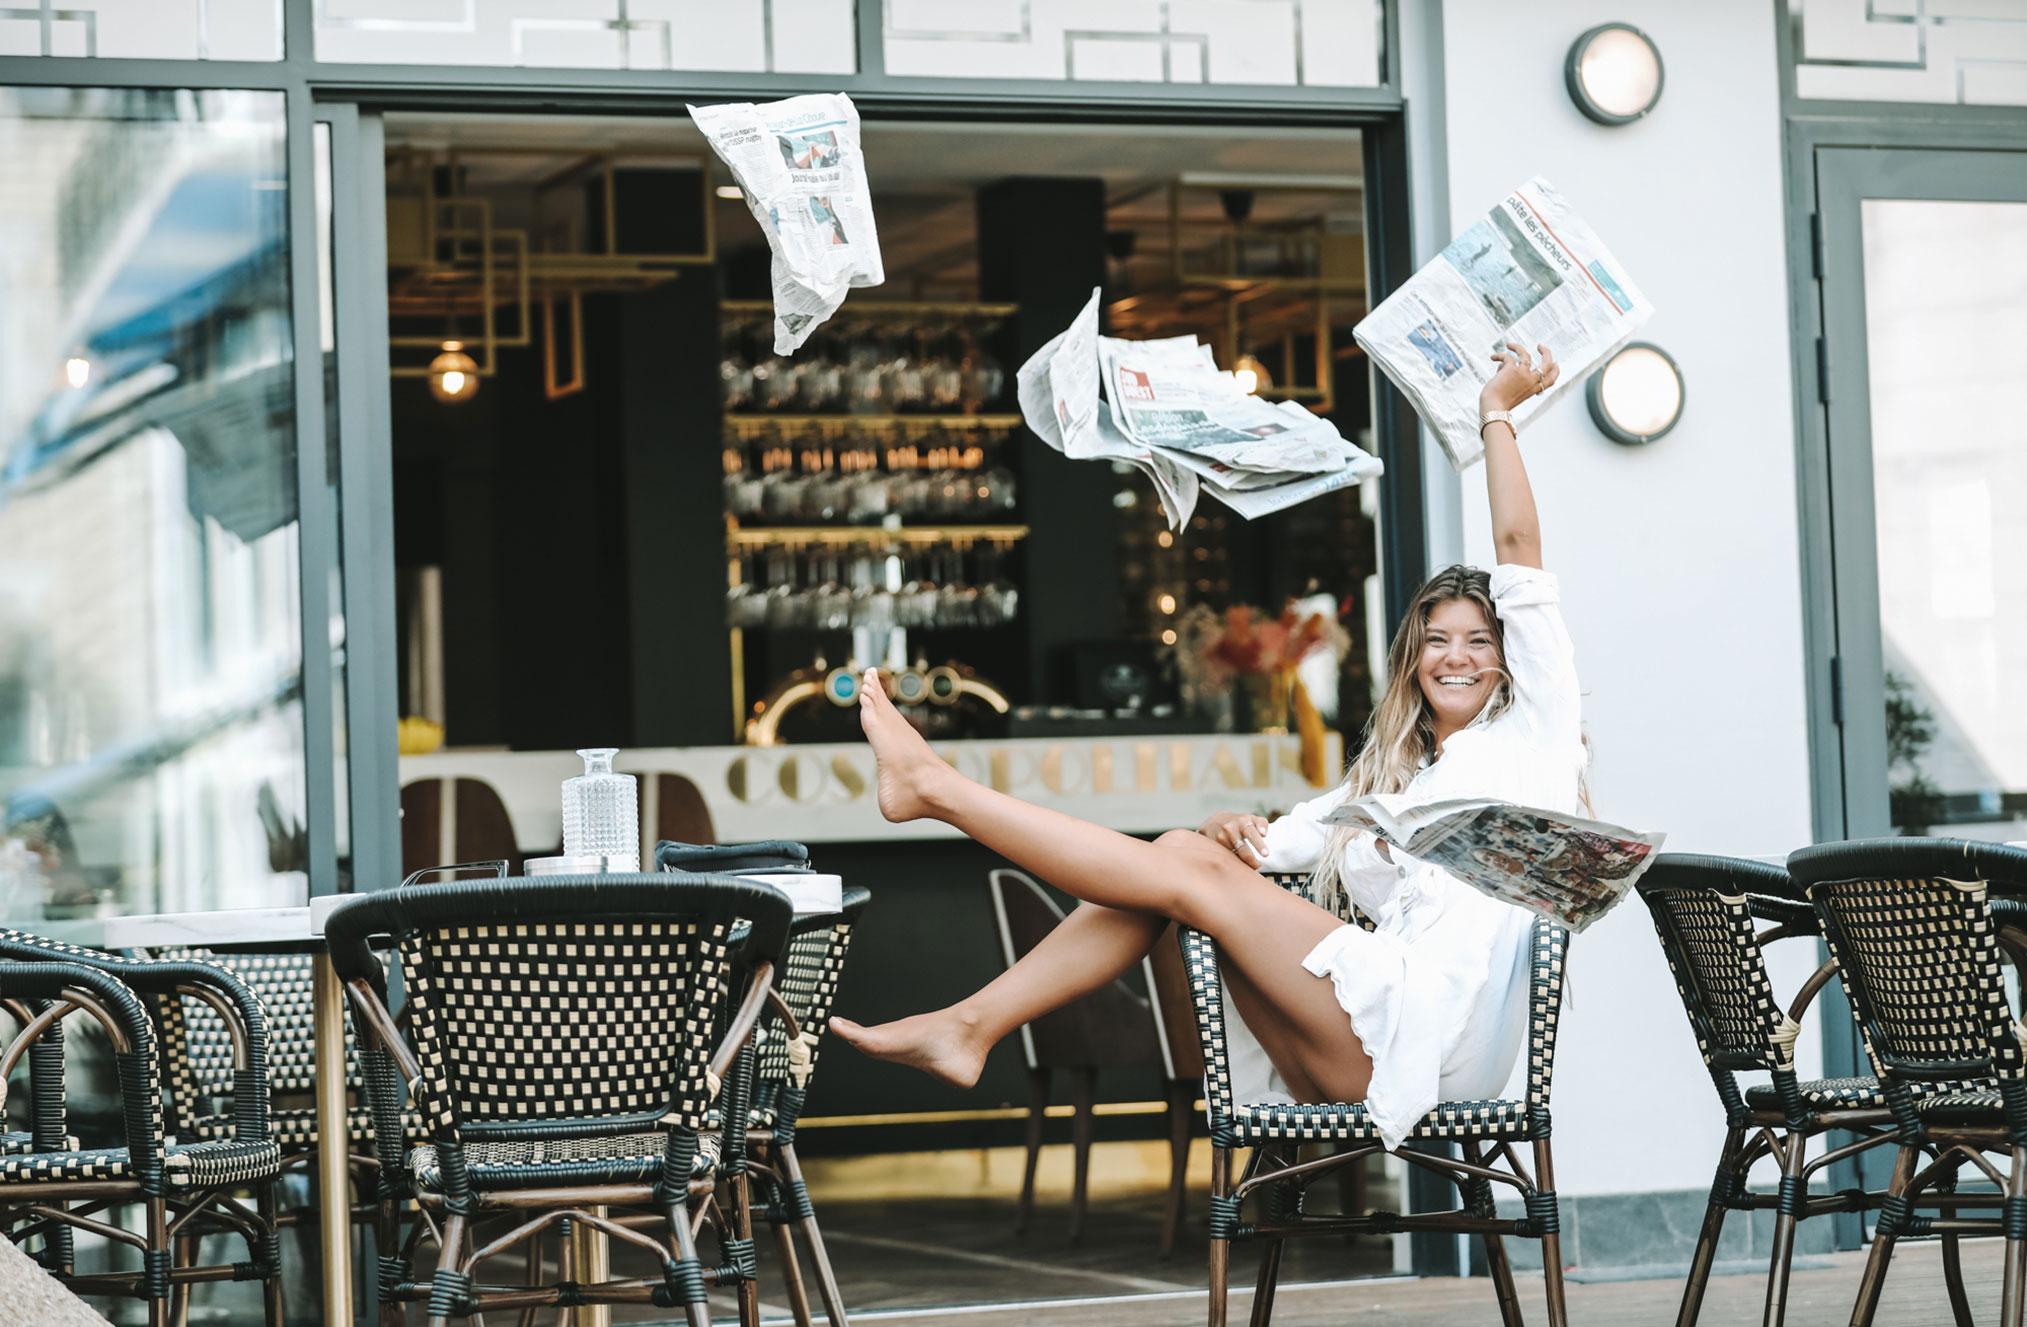 Ева Грейв в отеле Cosmopolitain в Биаррице / фото 12